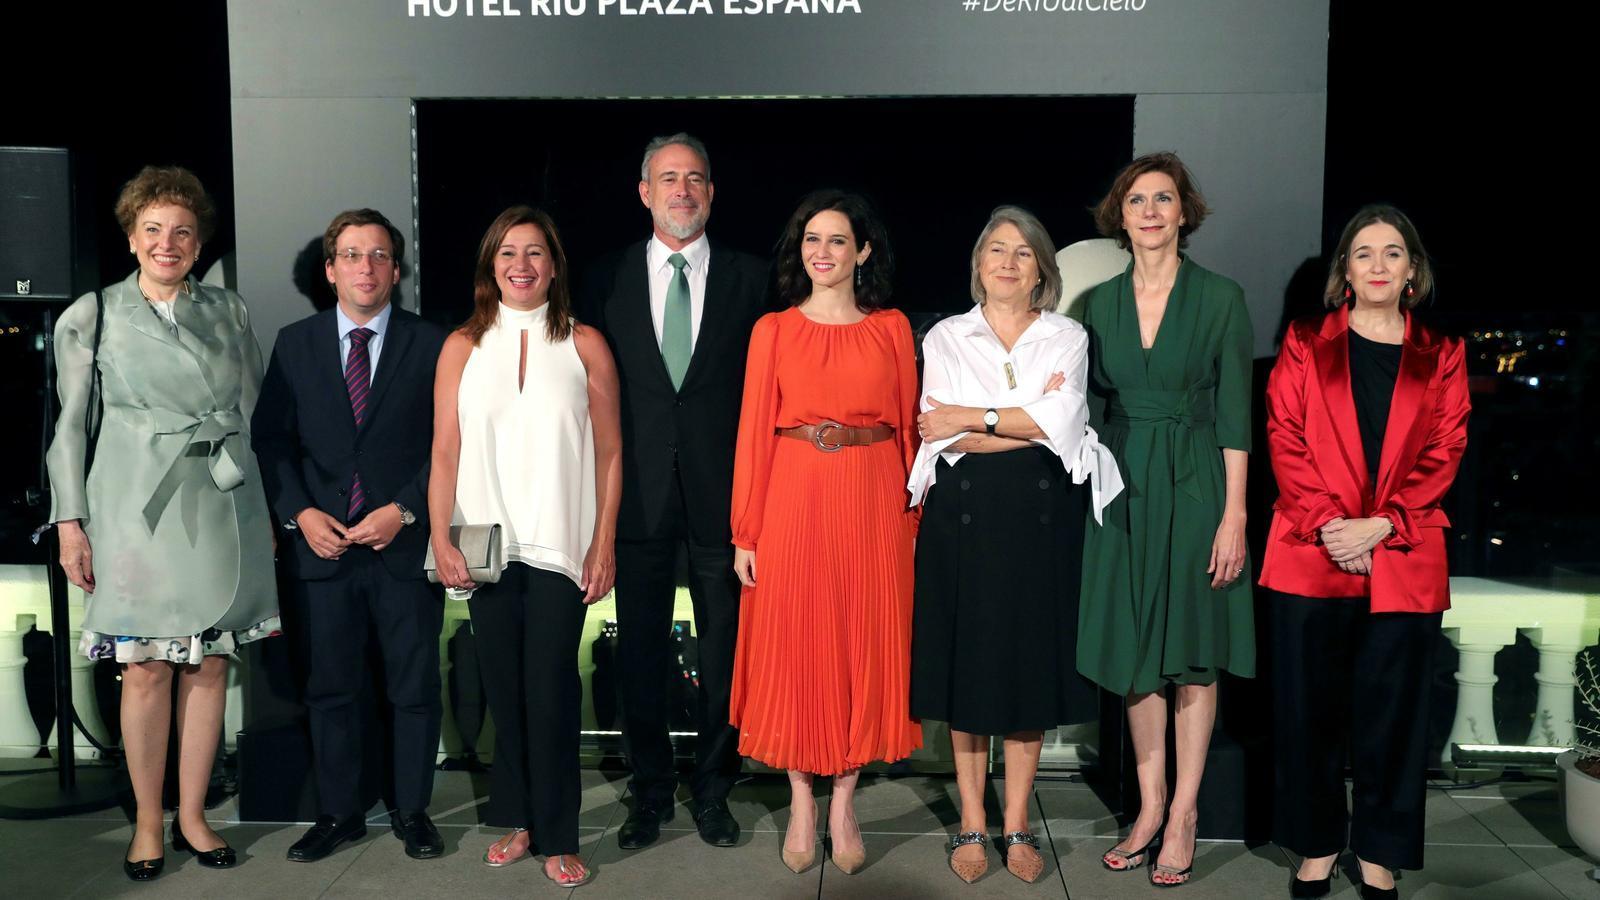 Hotel Riu Plaza España celebra un mes d'obertura amb un 70% d'ocupació